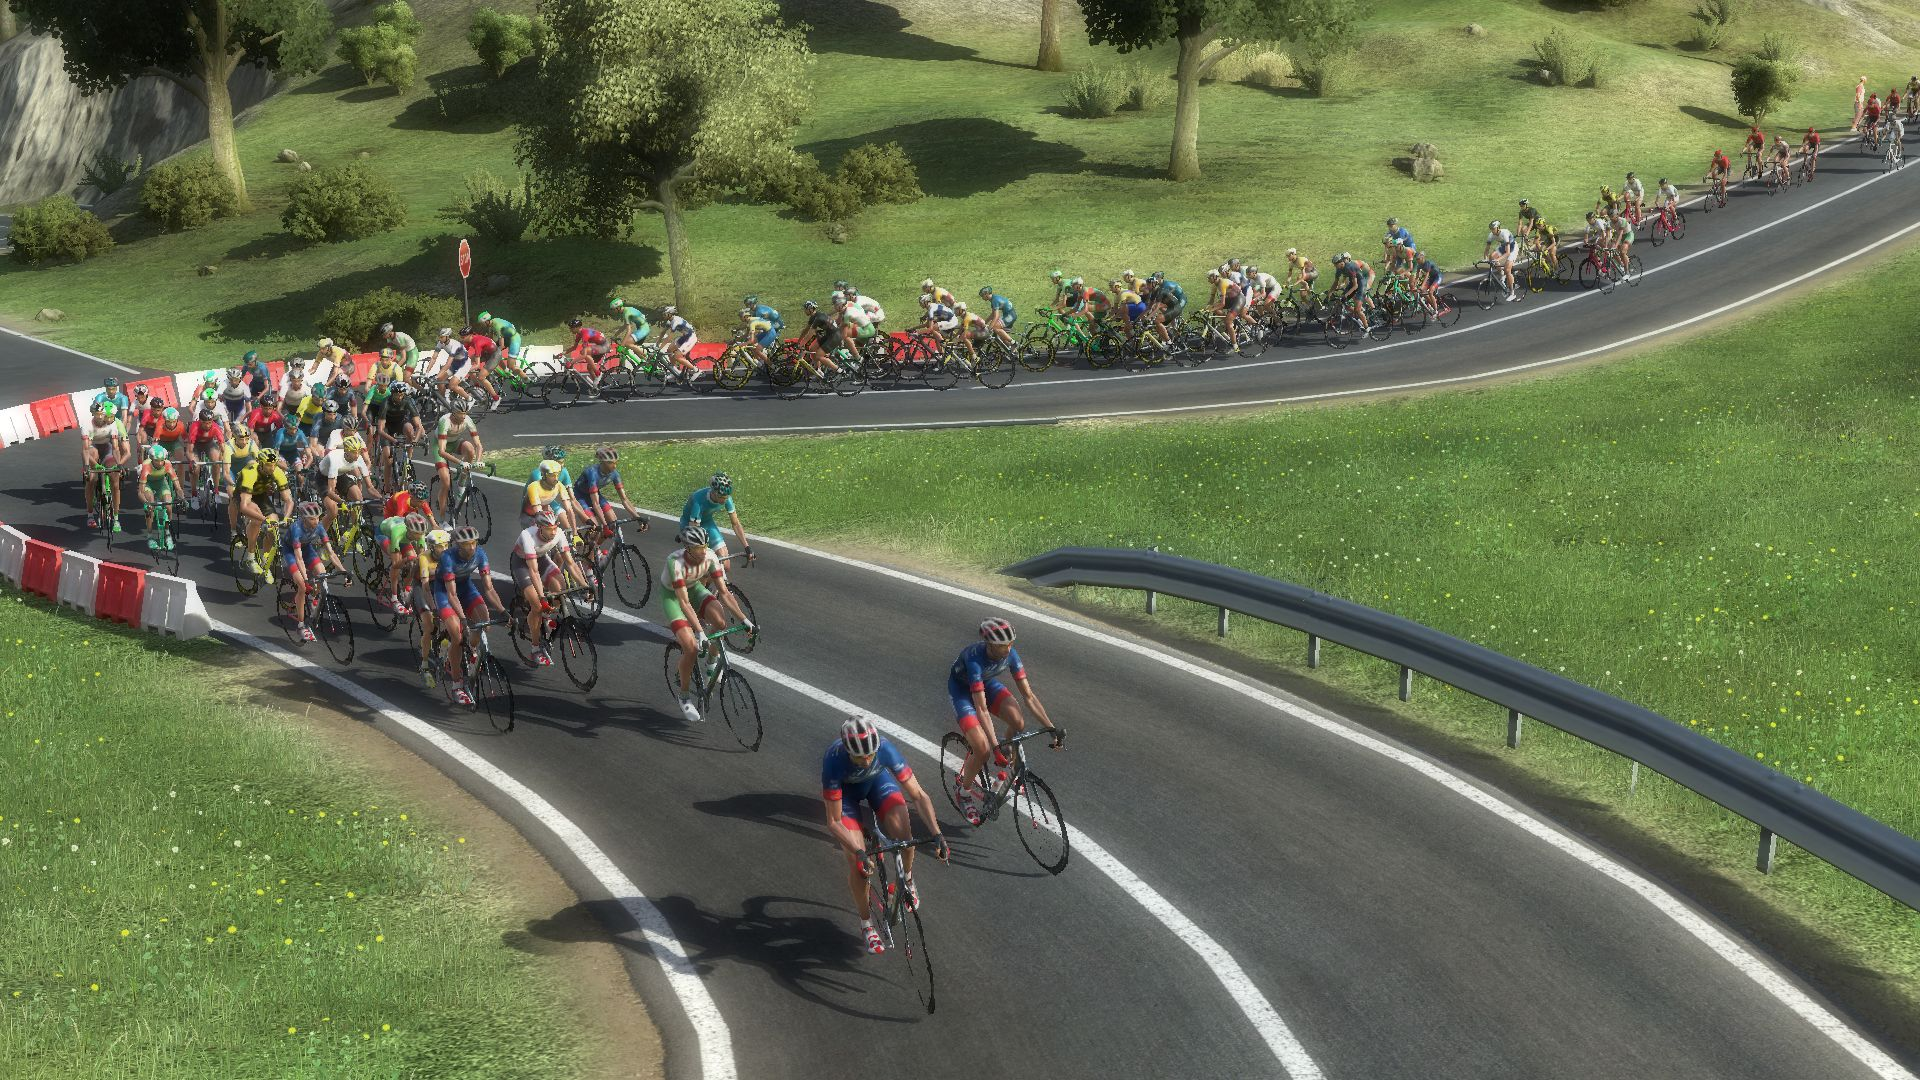 pcmdaily.com/images/mg/2020/Reports/C1/Andorra/TdAS5%208.jpg